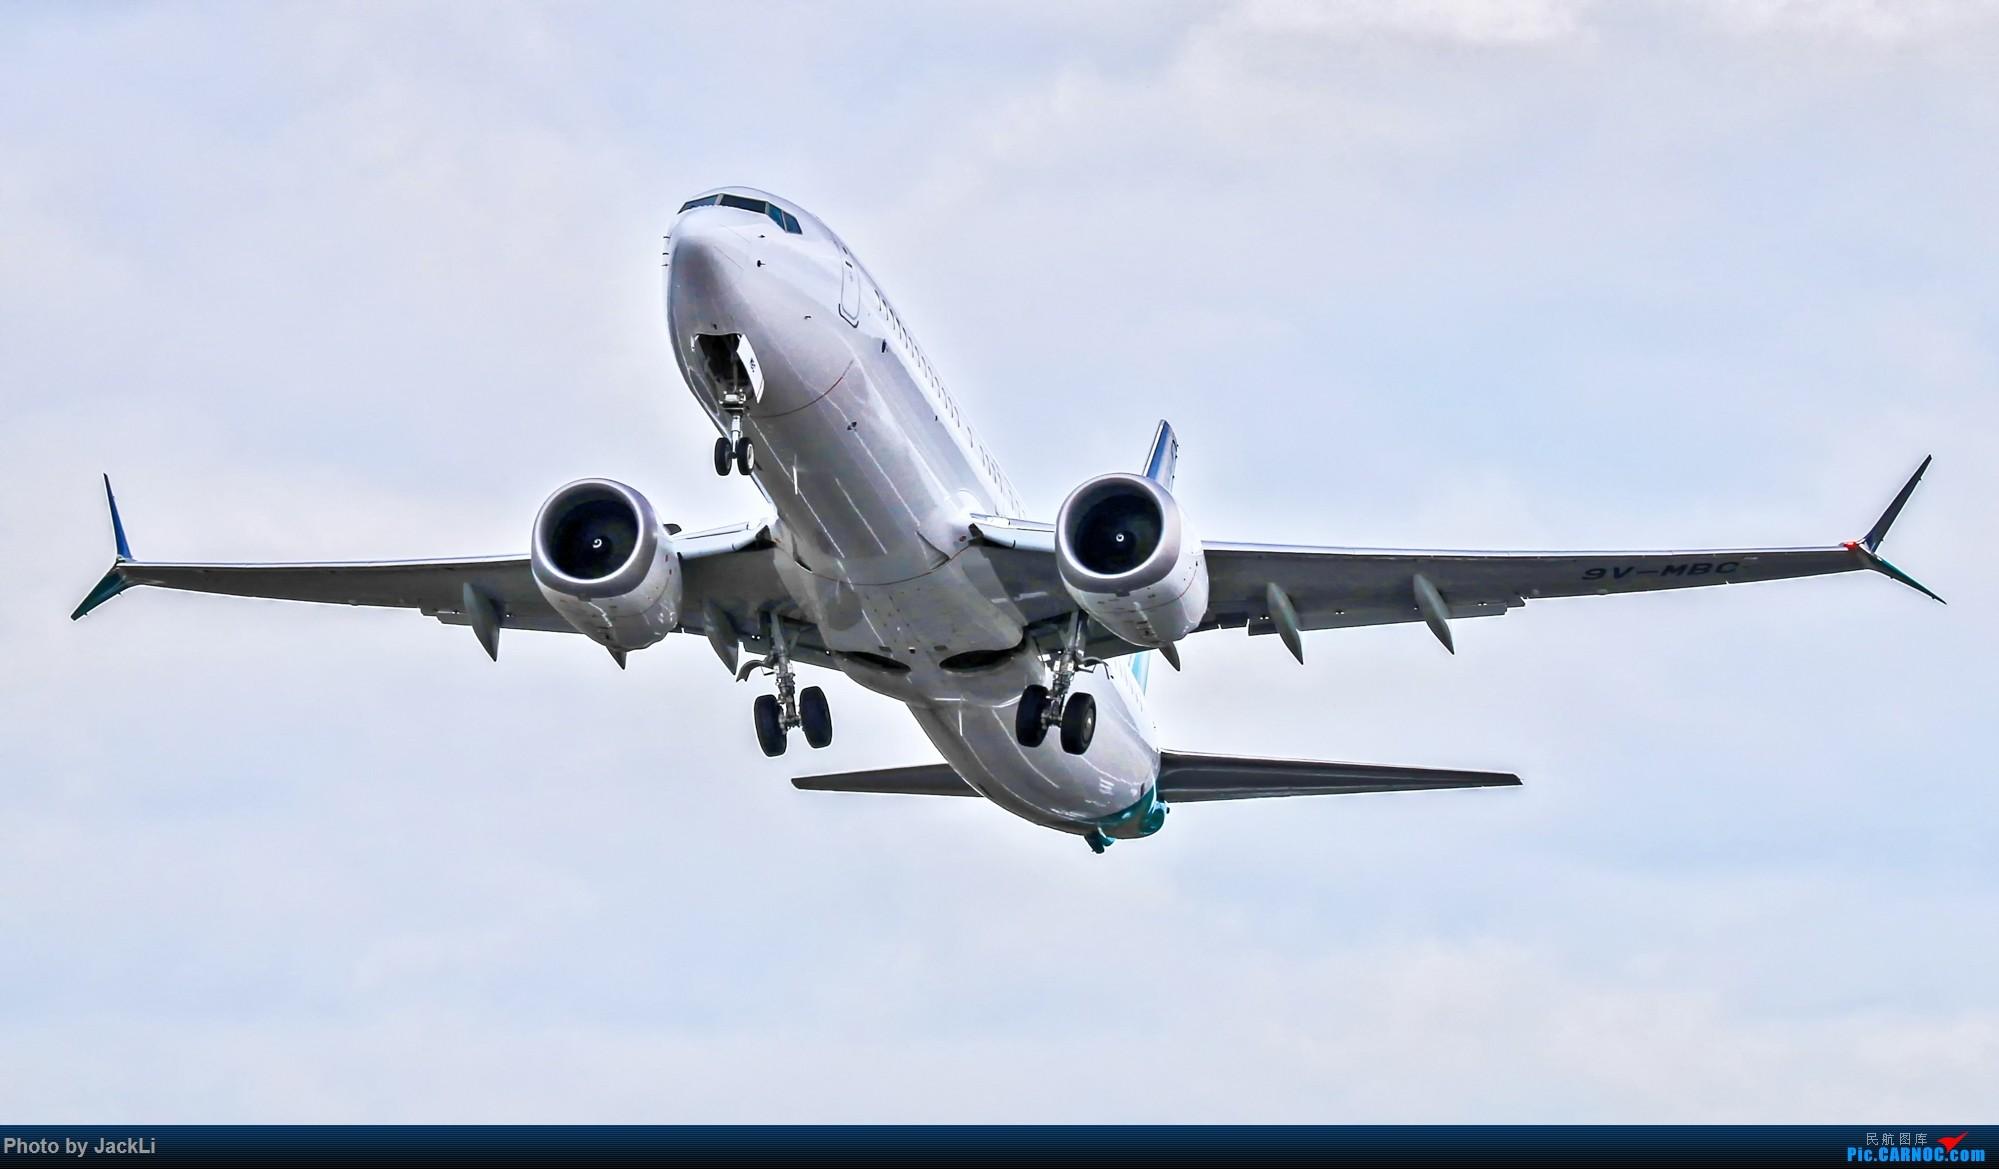 Re:[原创]【JackLi】亚洲圣马丁~普吉岛机场拍机 BOEING 737MAX-8 9V-MBC 泰国普吉机场